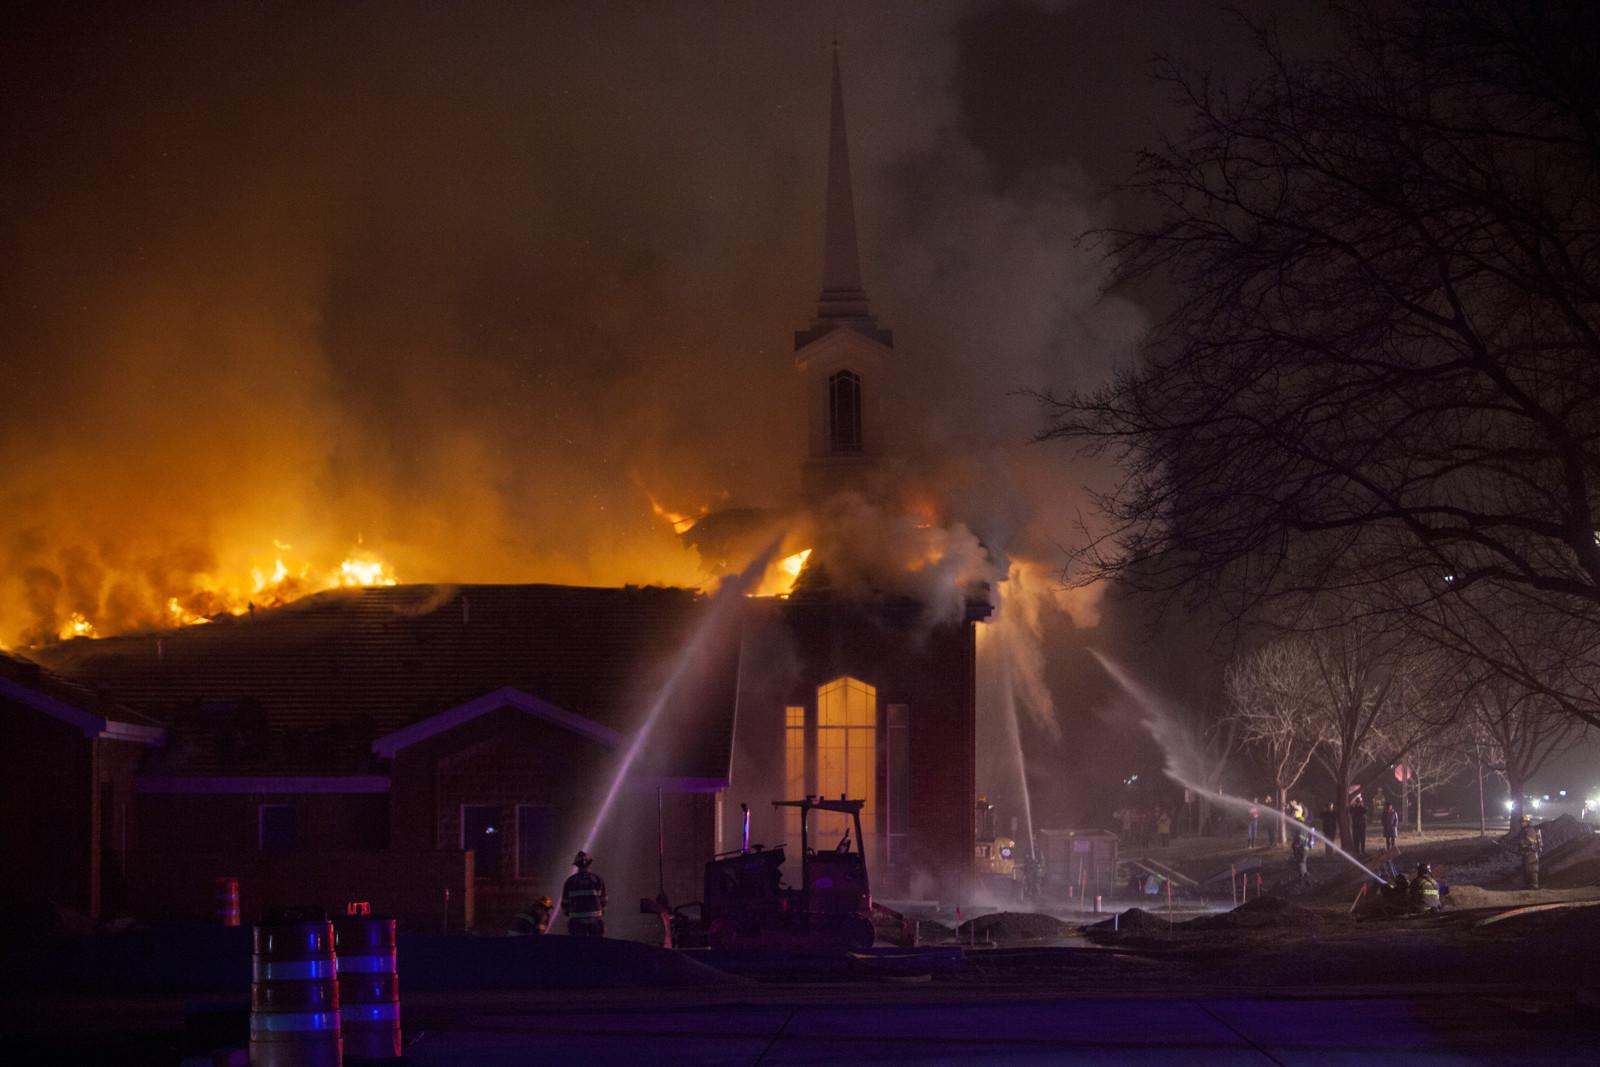 incendio centro de Estaca